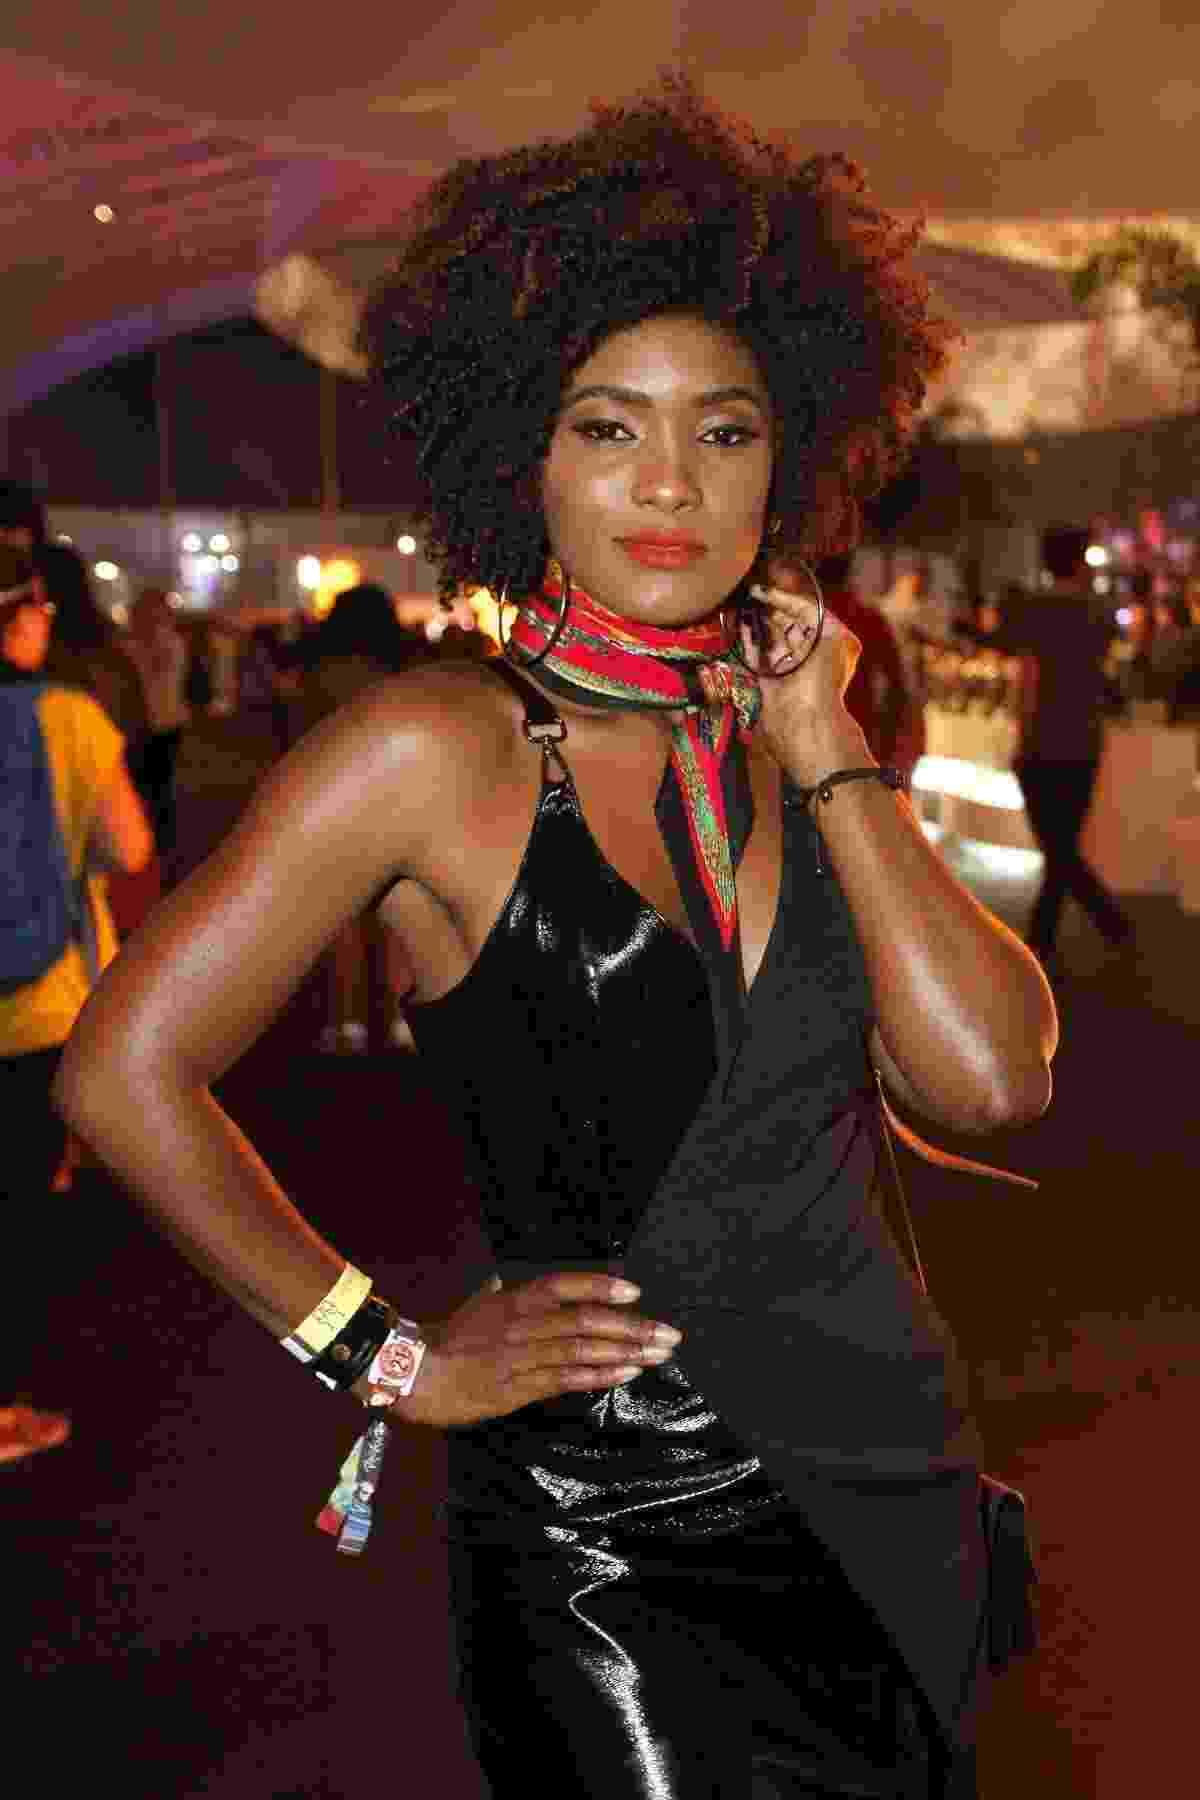 Atriz Erika Januza vai ao Rock in Rio na noite de quinta (21) - Thyago Andrade/Brazilnews